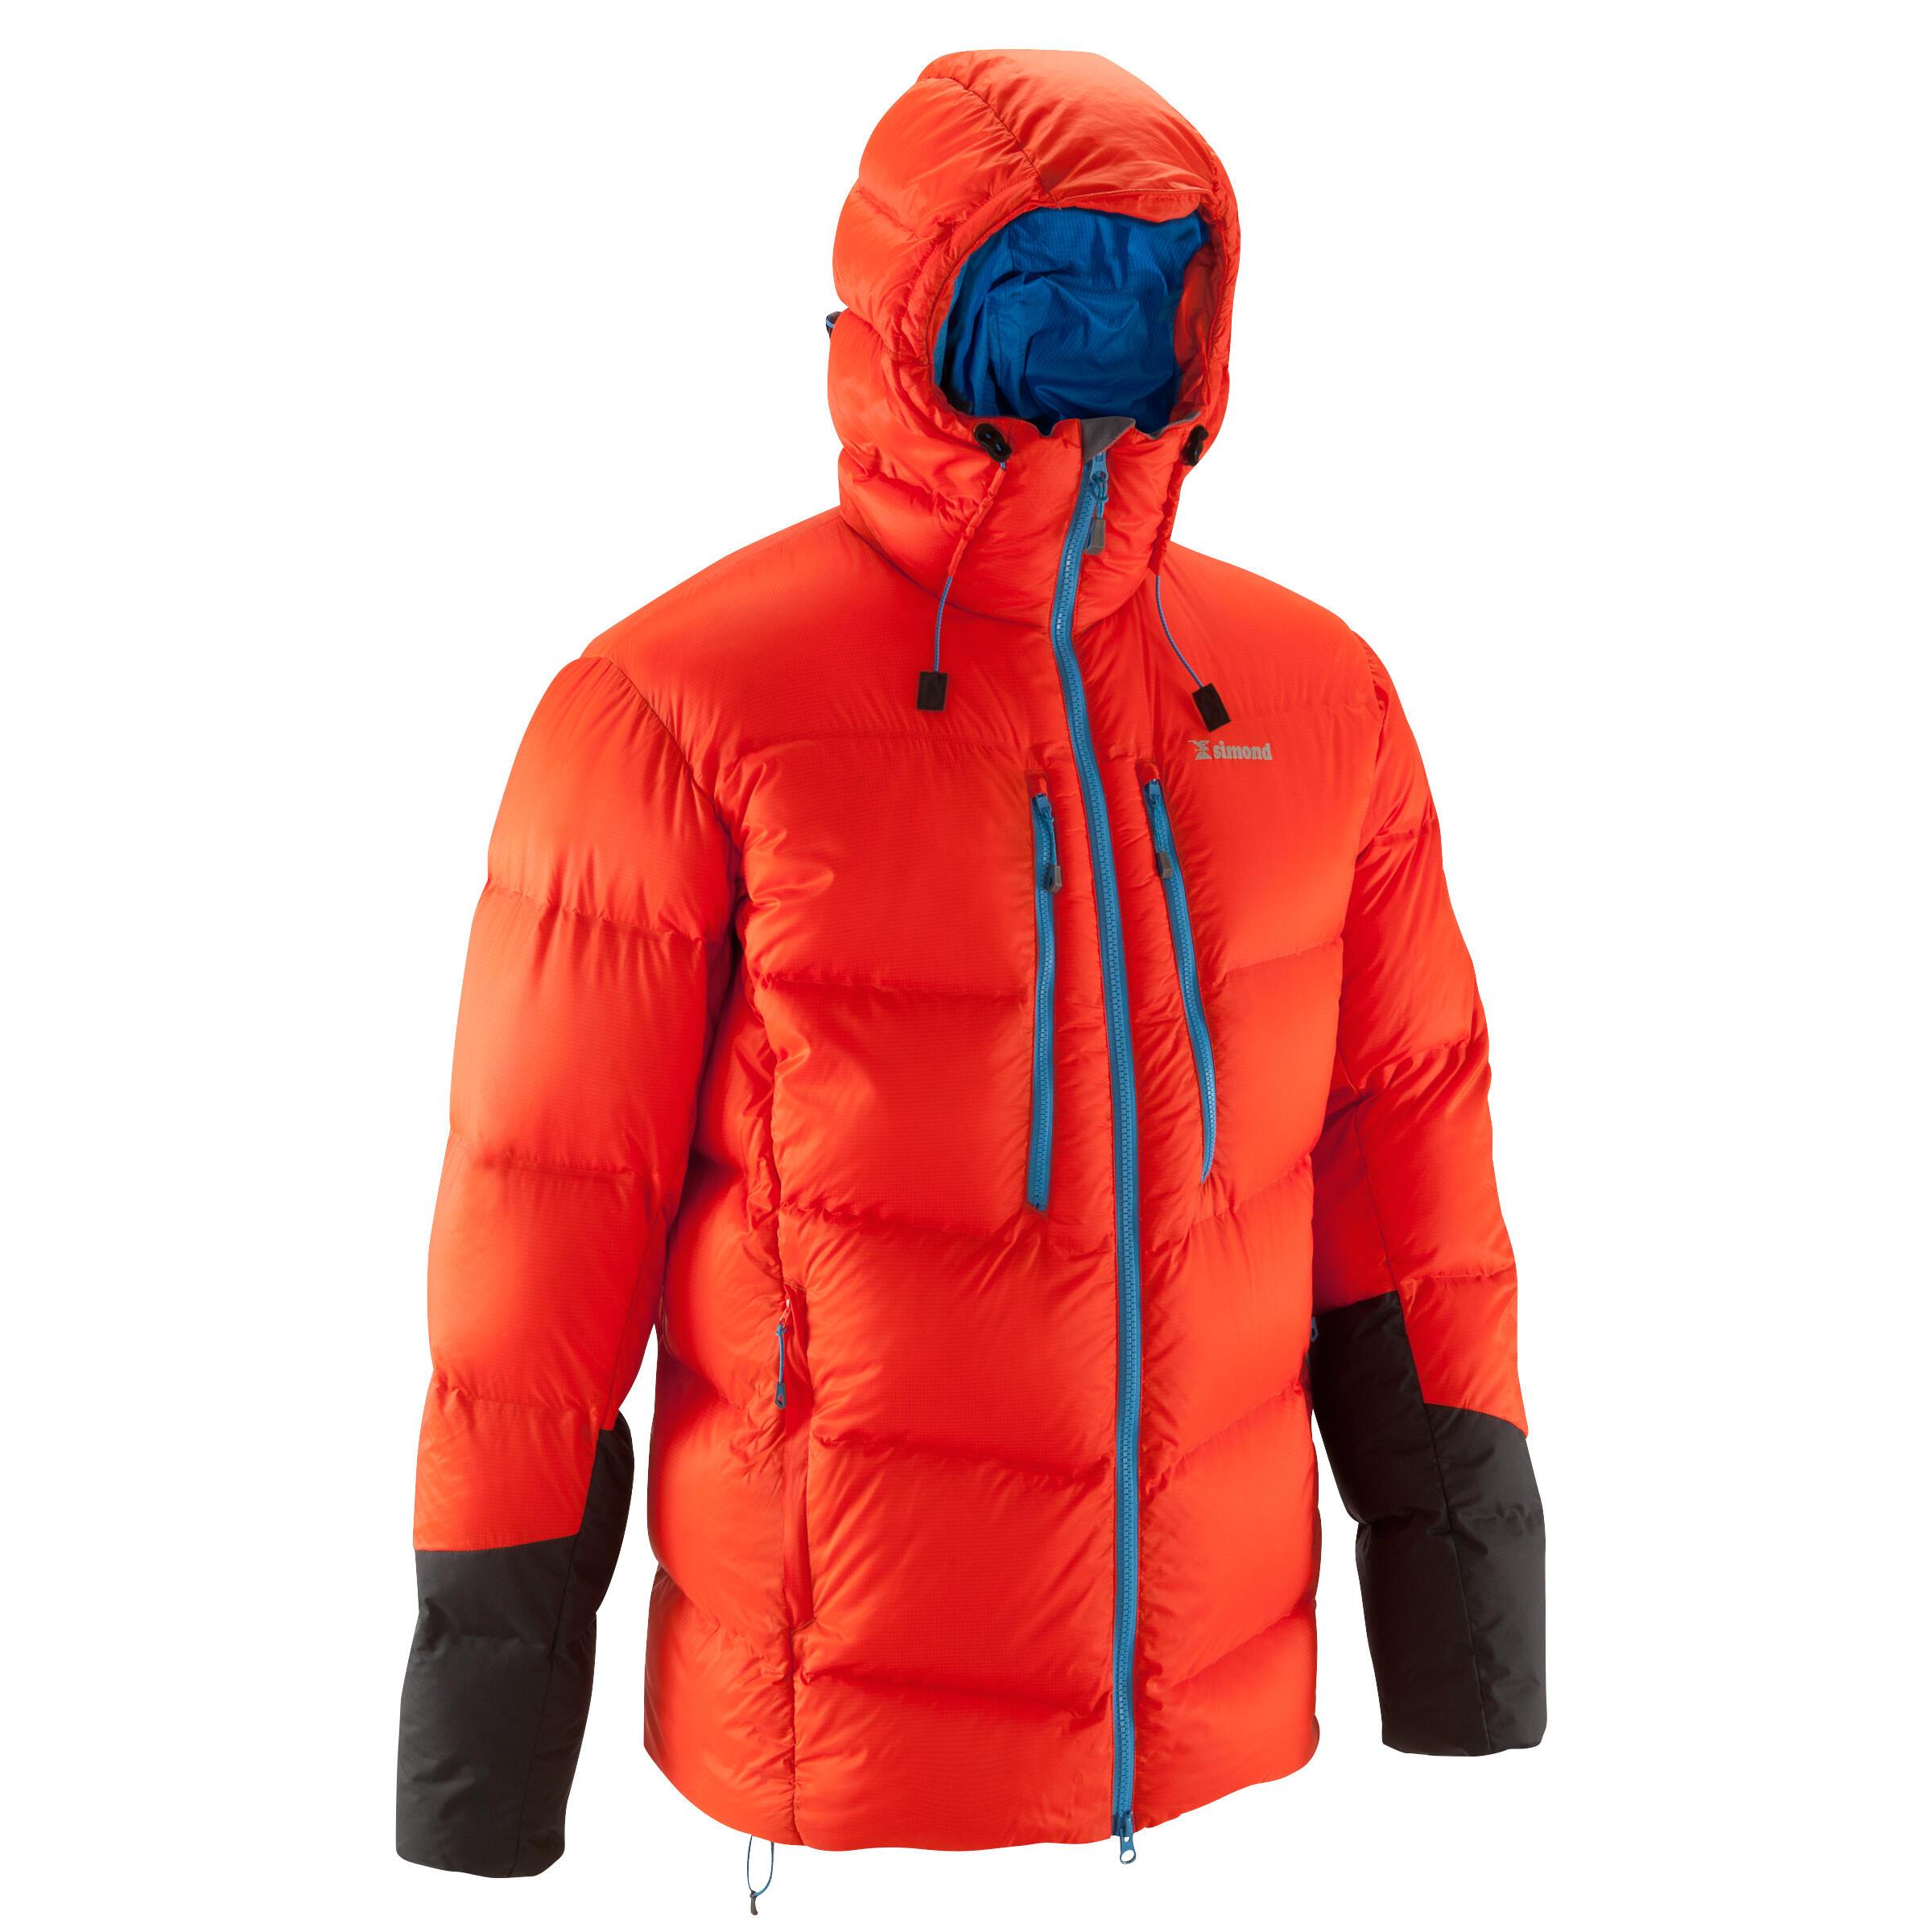 Comprar Ropa de Apinismo y Alta Montaña online  291b613478c95